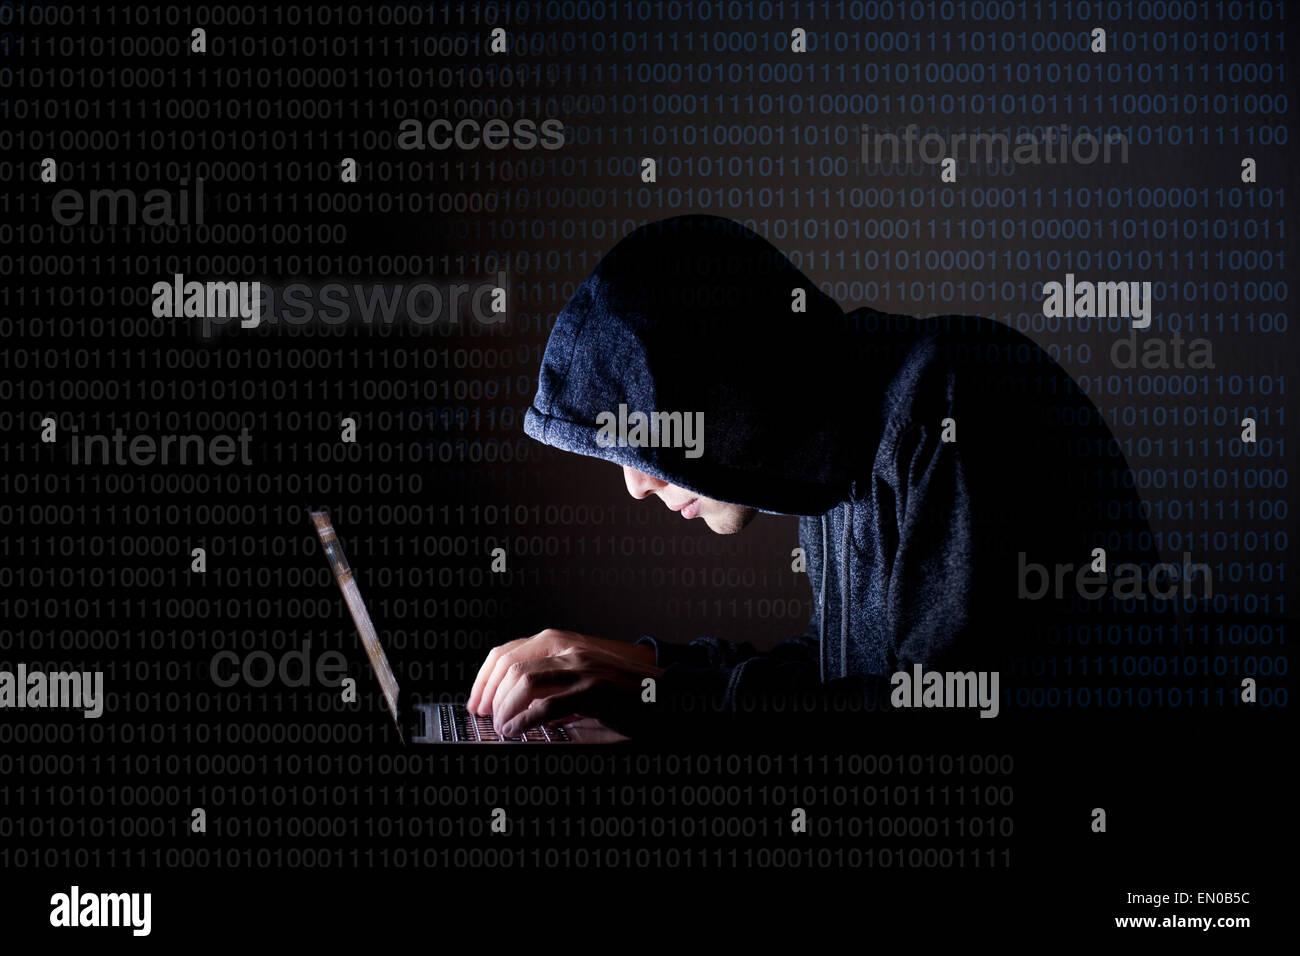 Concept de sécurité internet Photo Stock